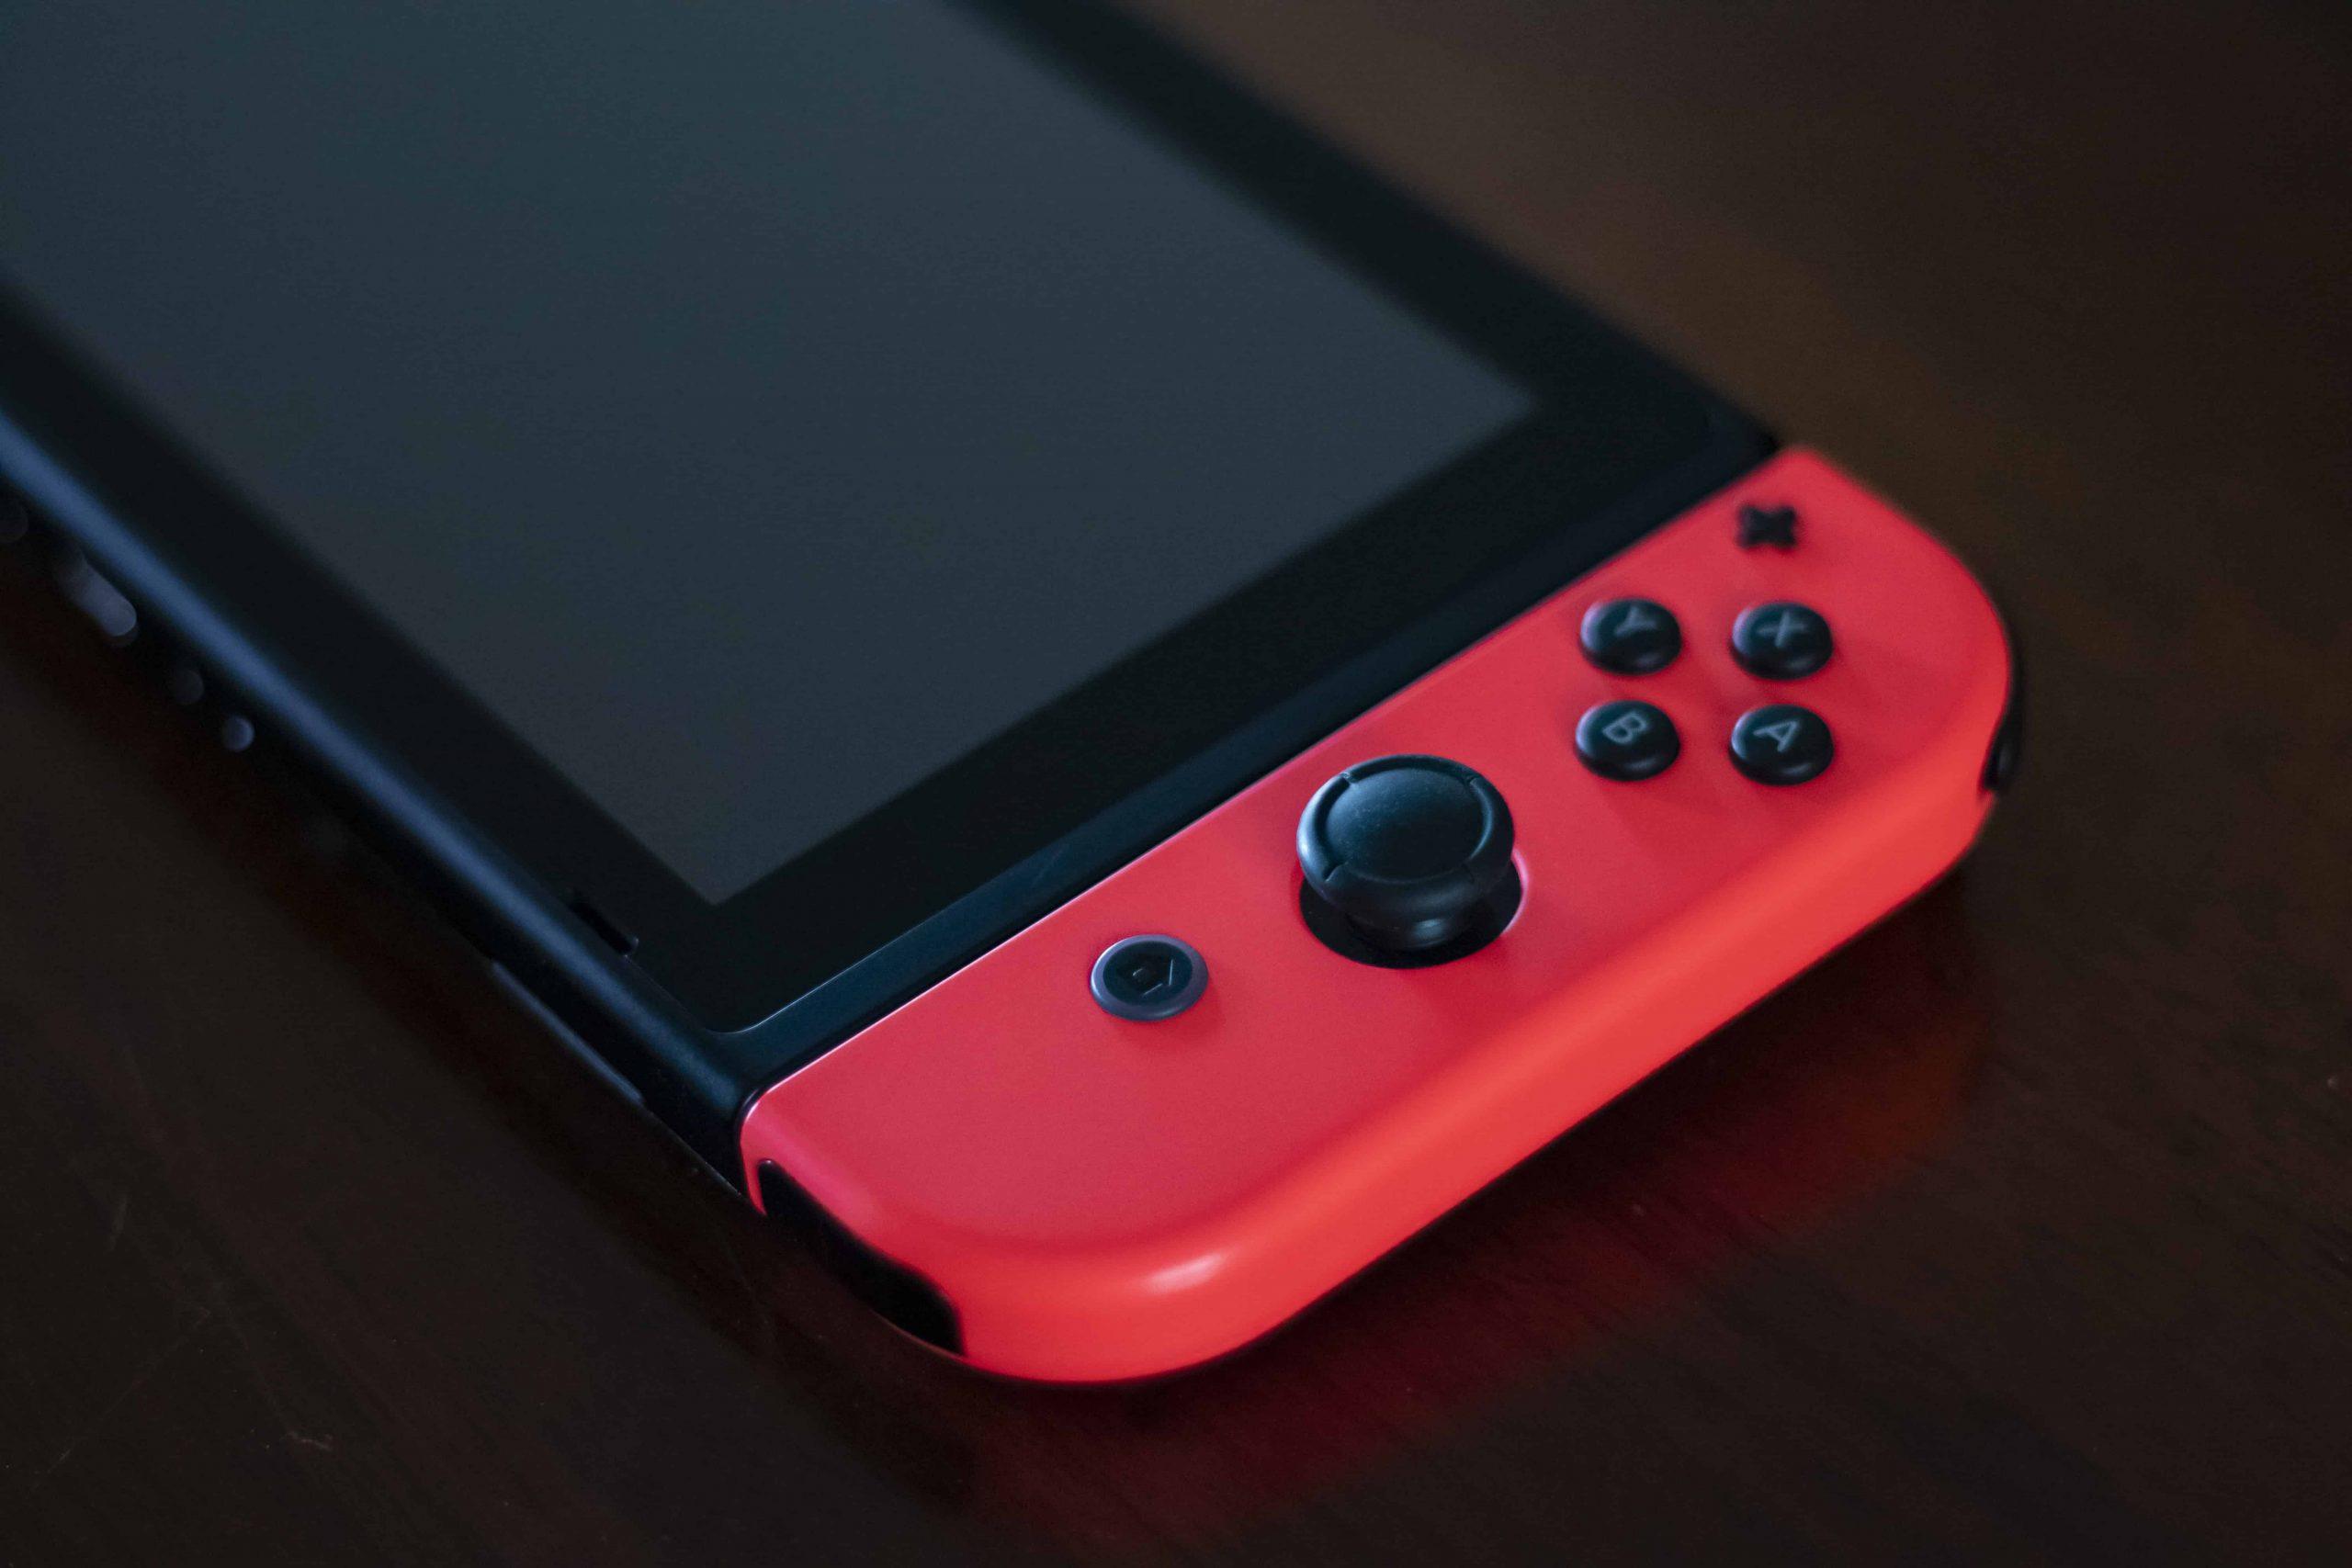 Juegos de Nintendo Switch: ¿Cuáles son los mejores del 2020?